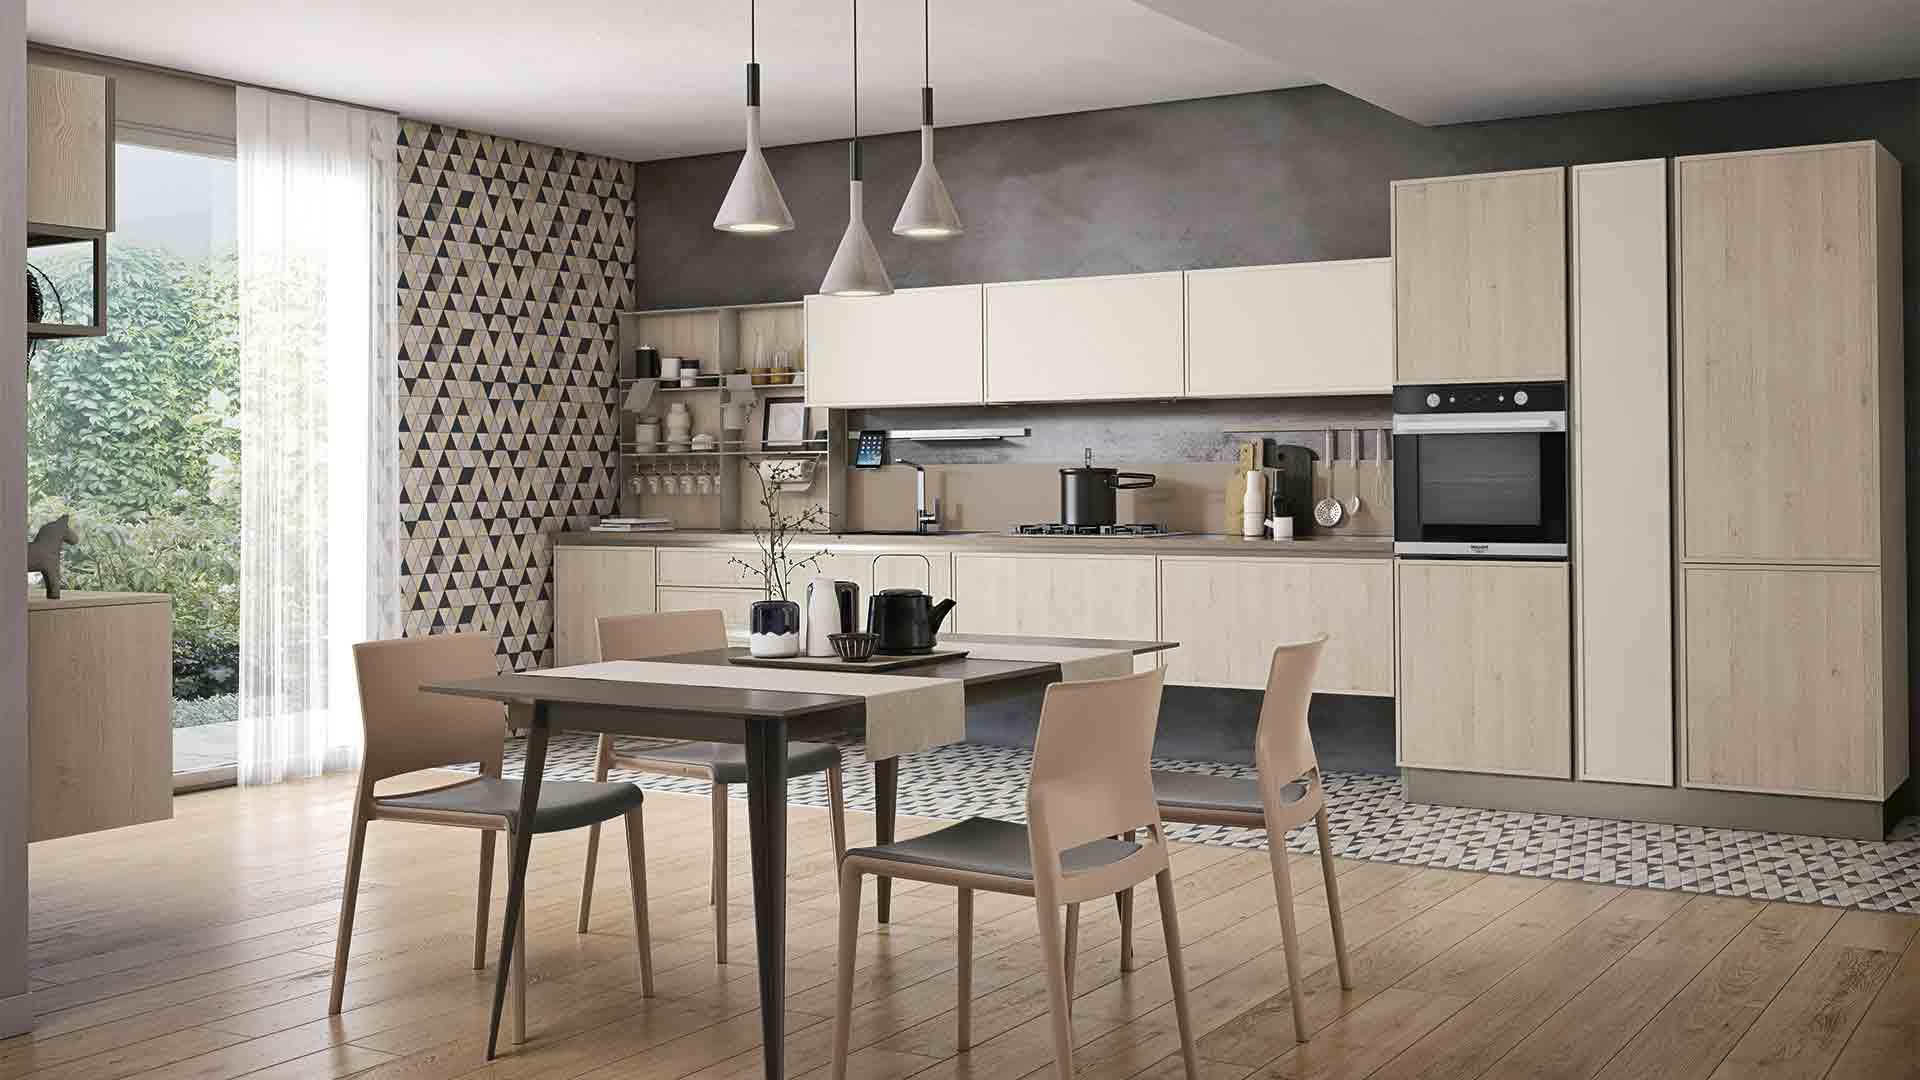 Rewind - Cucine Moderne - Creo Kitchens